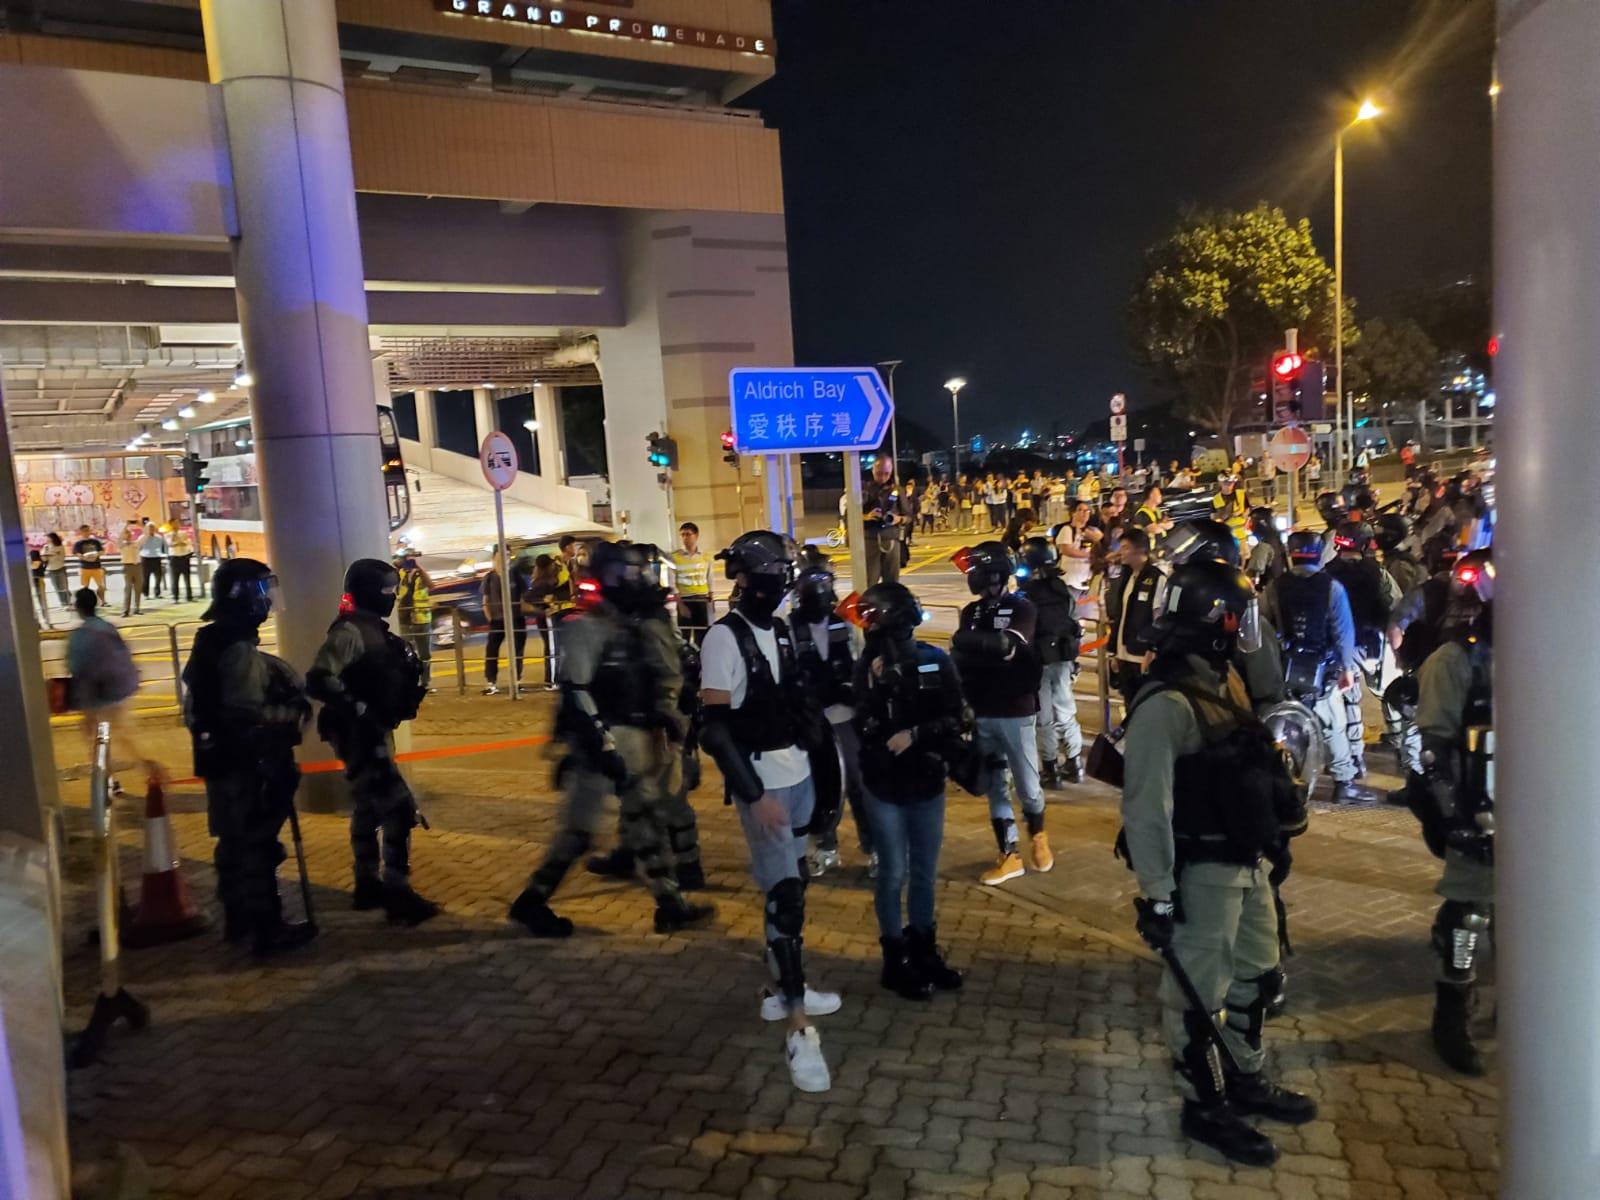 法院外逾百防暴警等候再拘捕。法庭記者攝